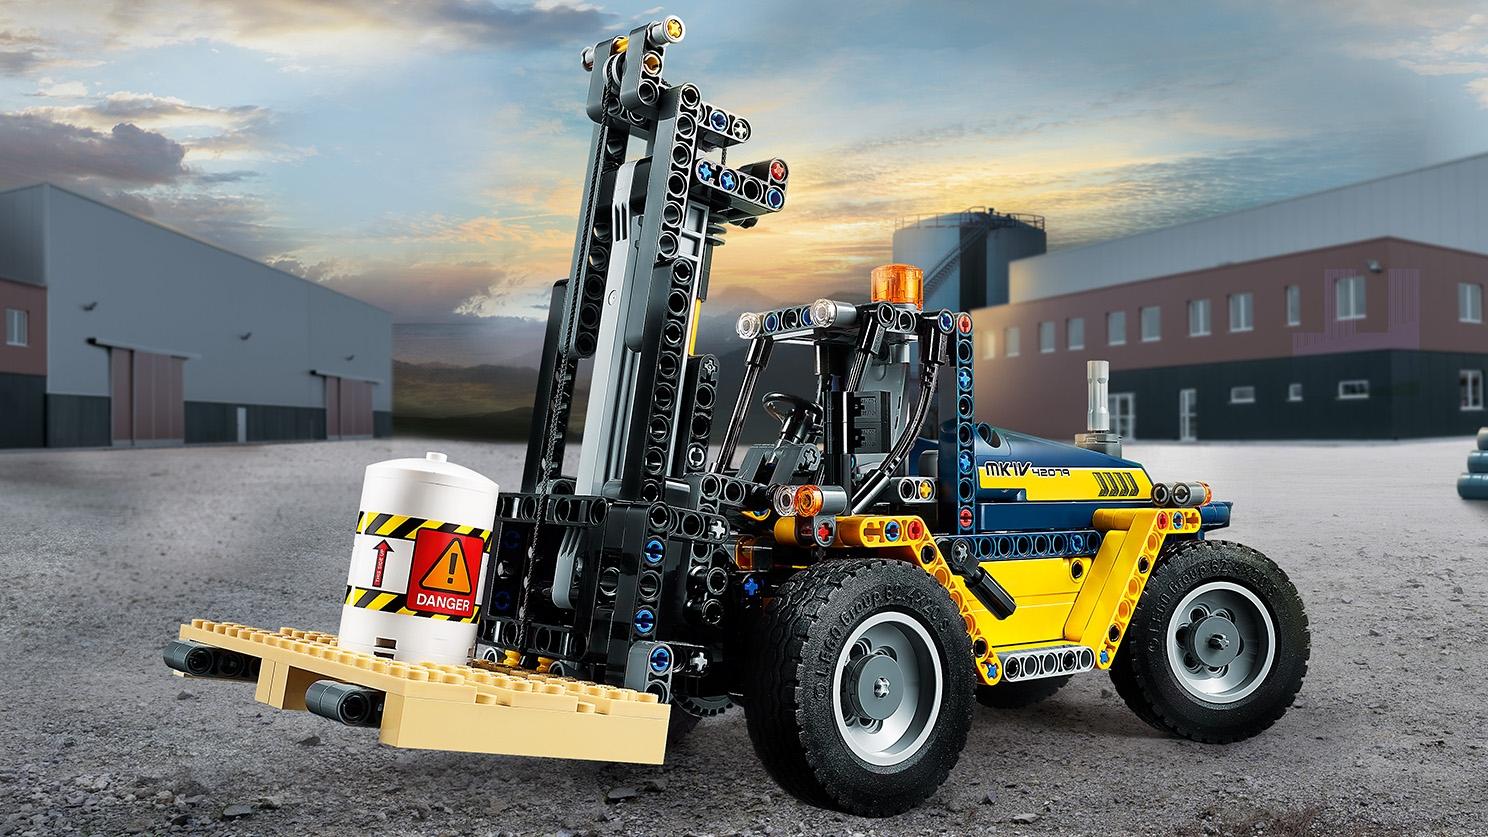 LEGO TECHNIC CARRELLO ELEVATORE HEAVY DUTY LEGO 42079